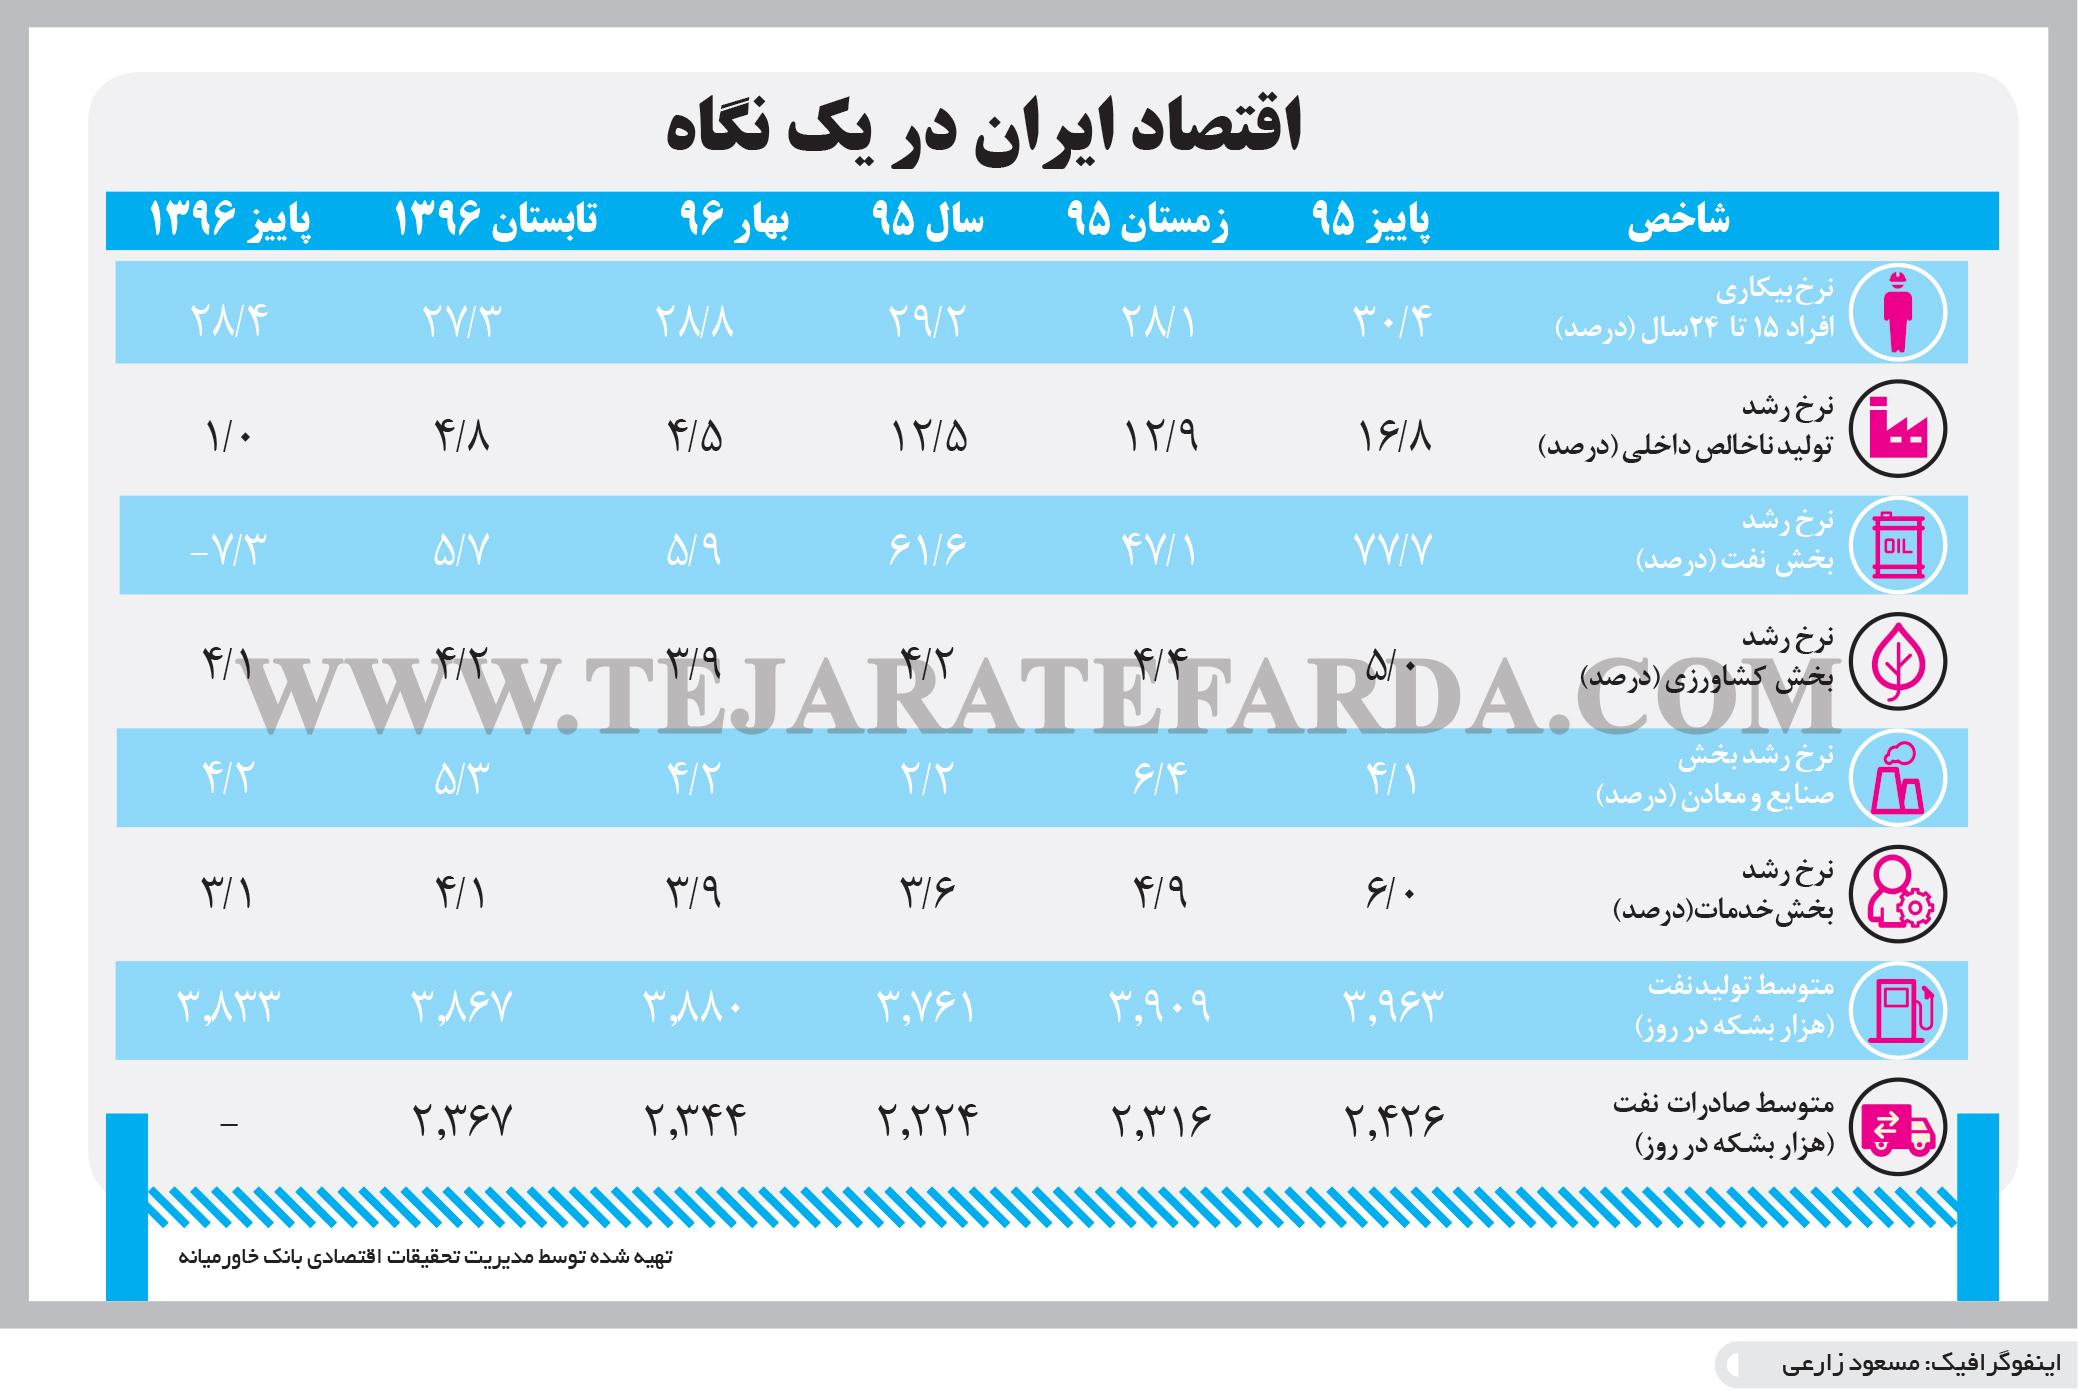 تجارت فردا- اینفوگرافیک- اقتصاد ایران در یک نگاه